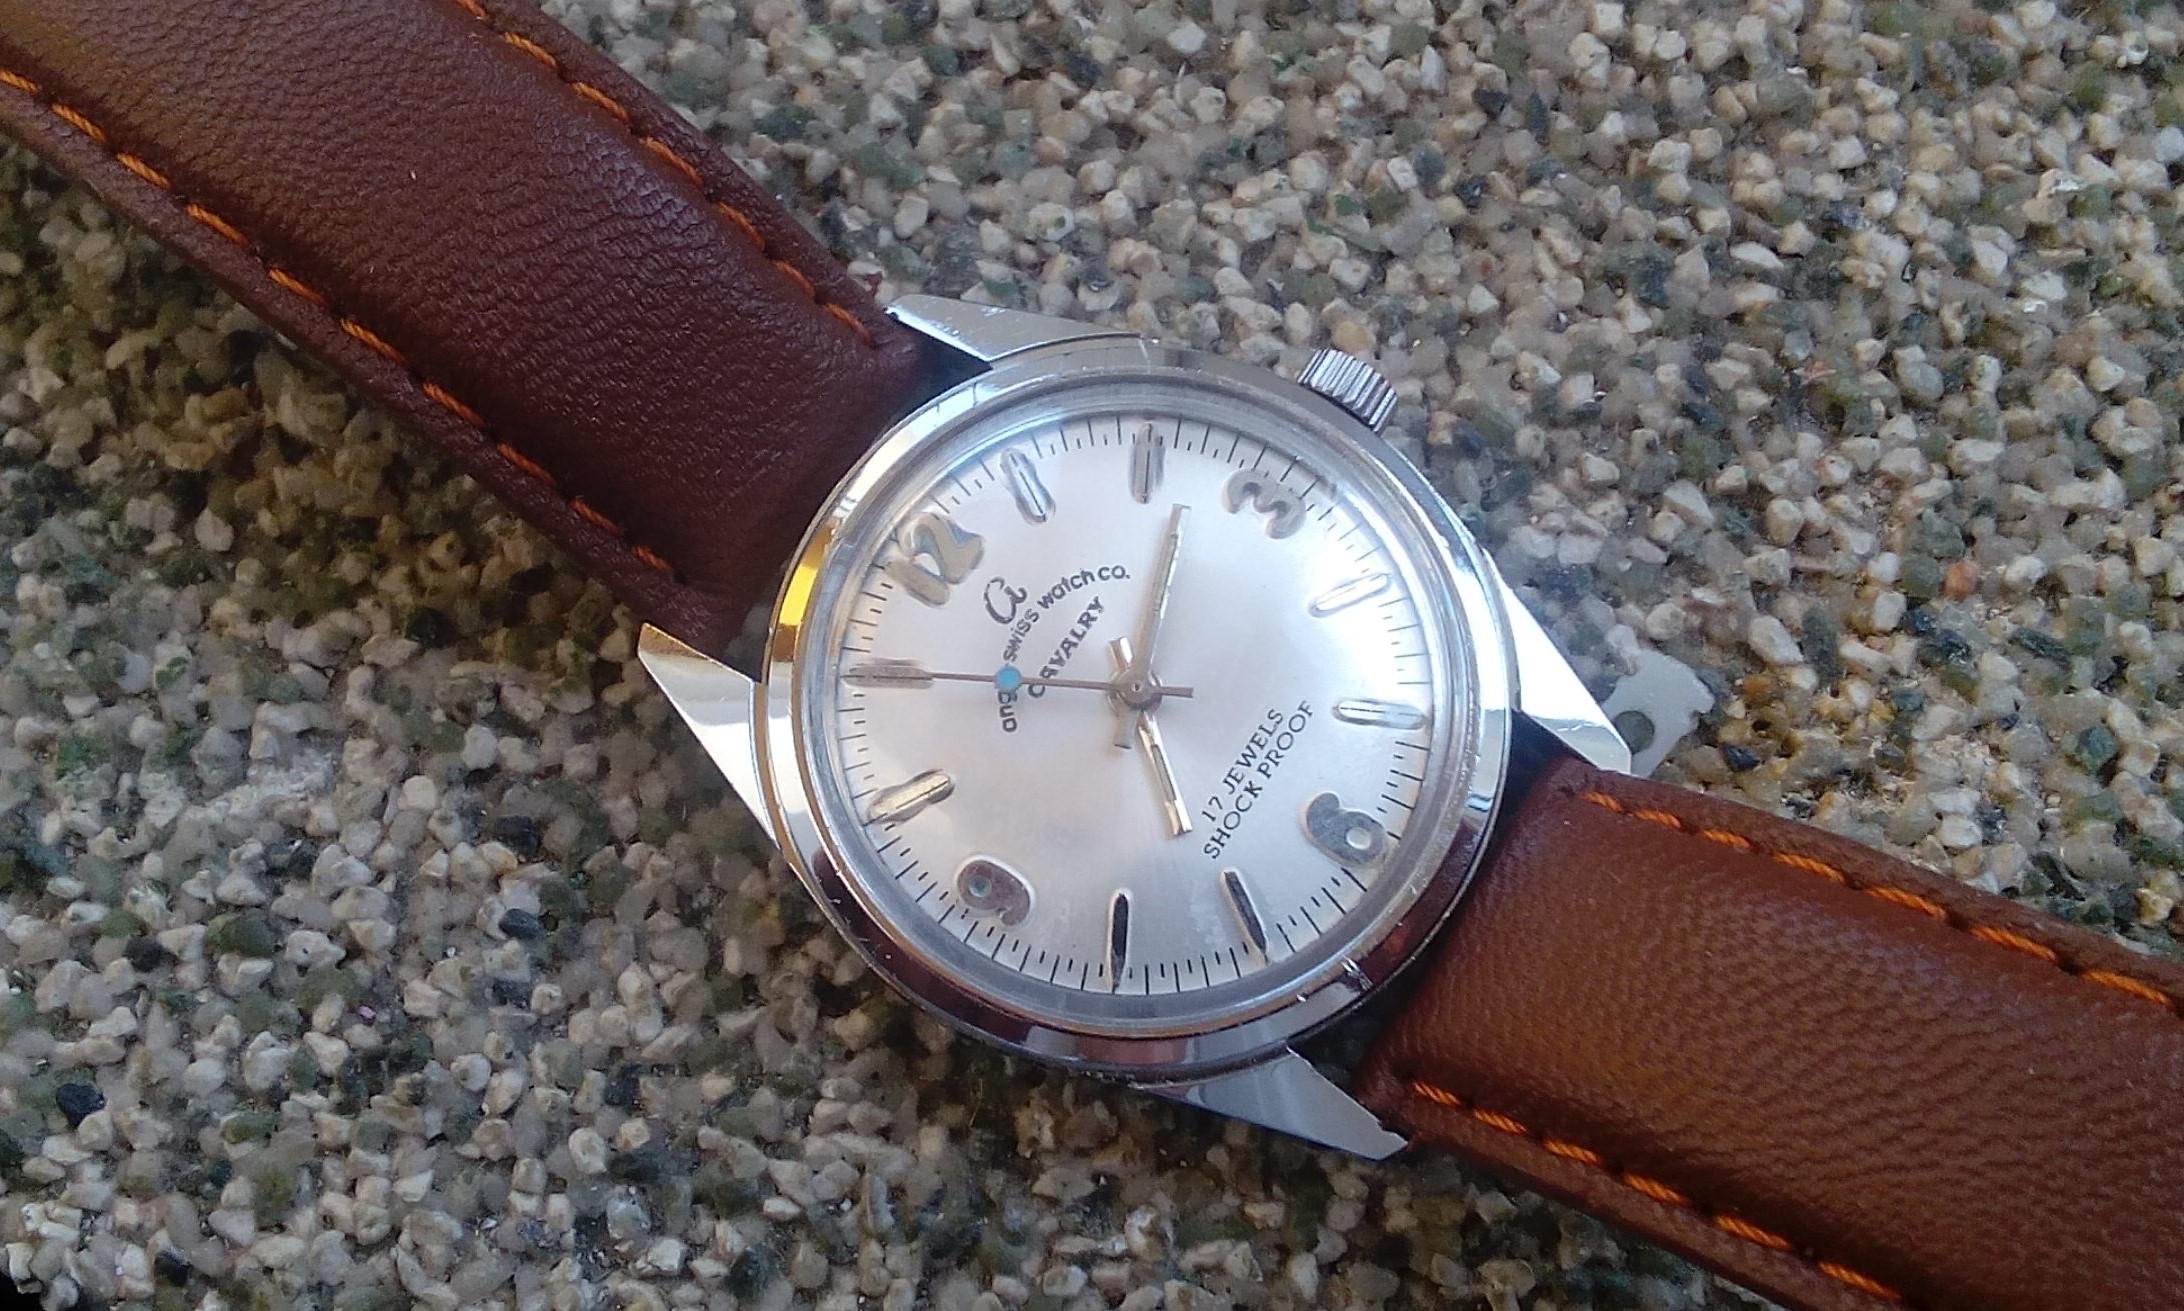 bdea61b399a Mechaniczny zegarek anglo swiss watch co. cavalry - 7194269092 - oficjalne  archiwum allegro